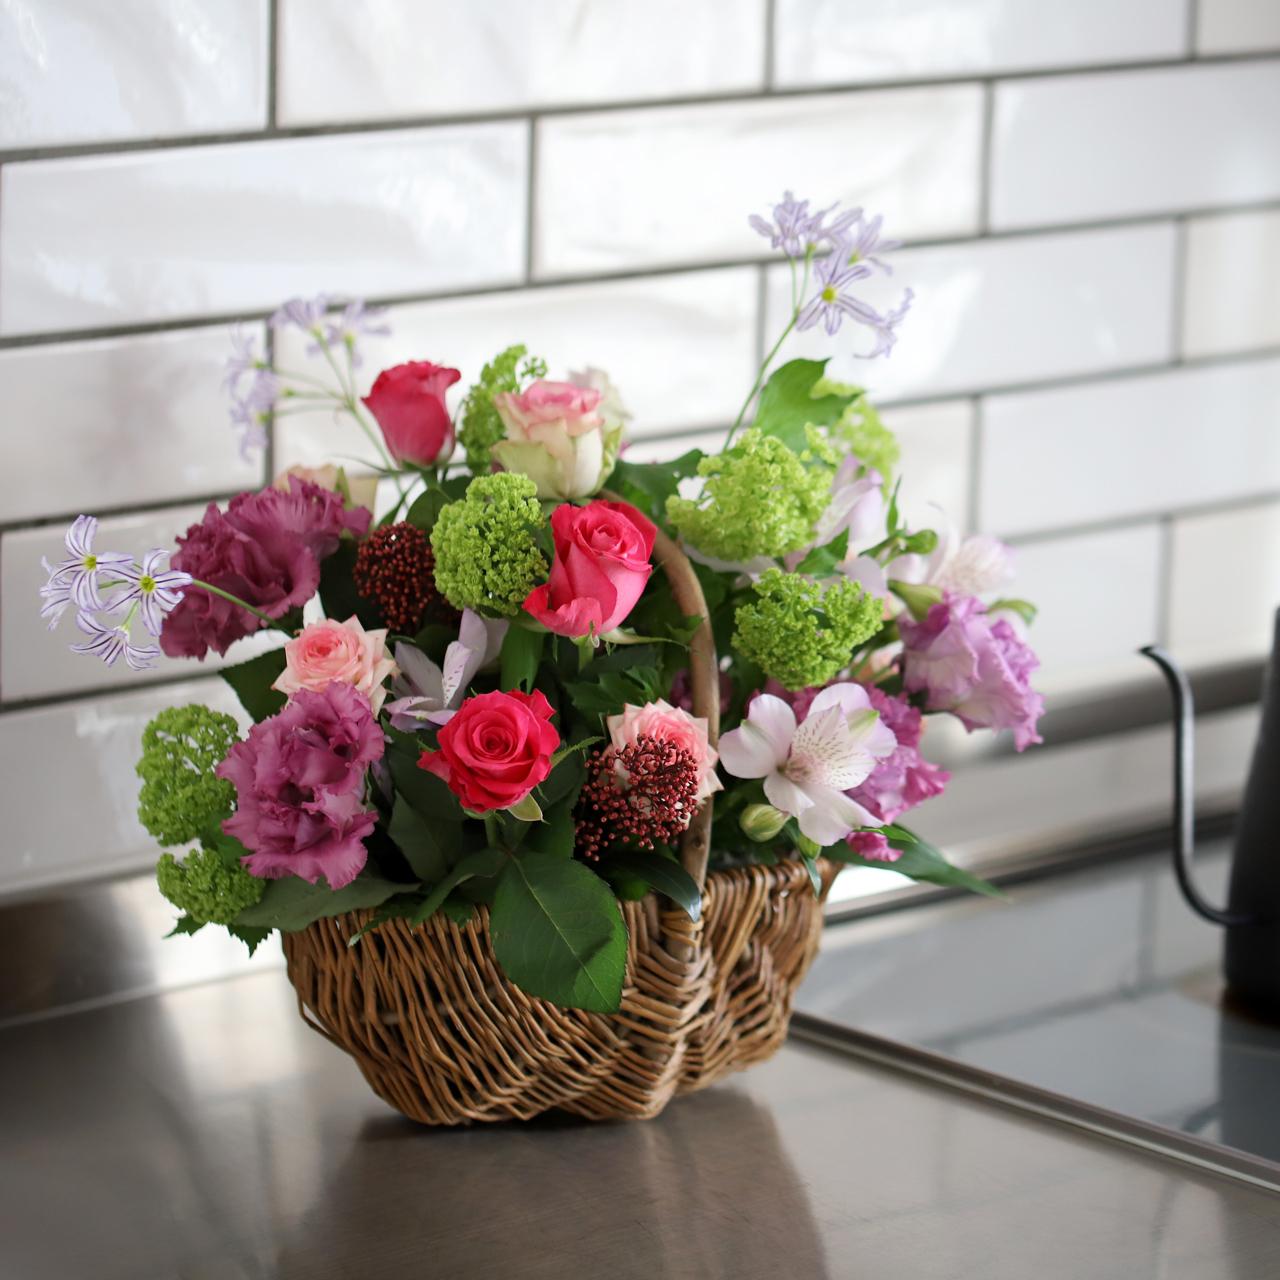 【テイクアウト・母の日】花の都・パリのフラワーバスケット